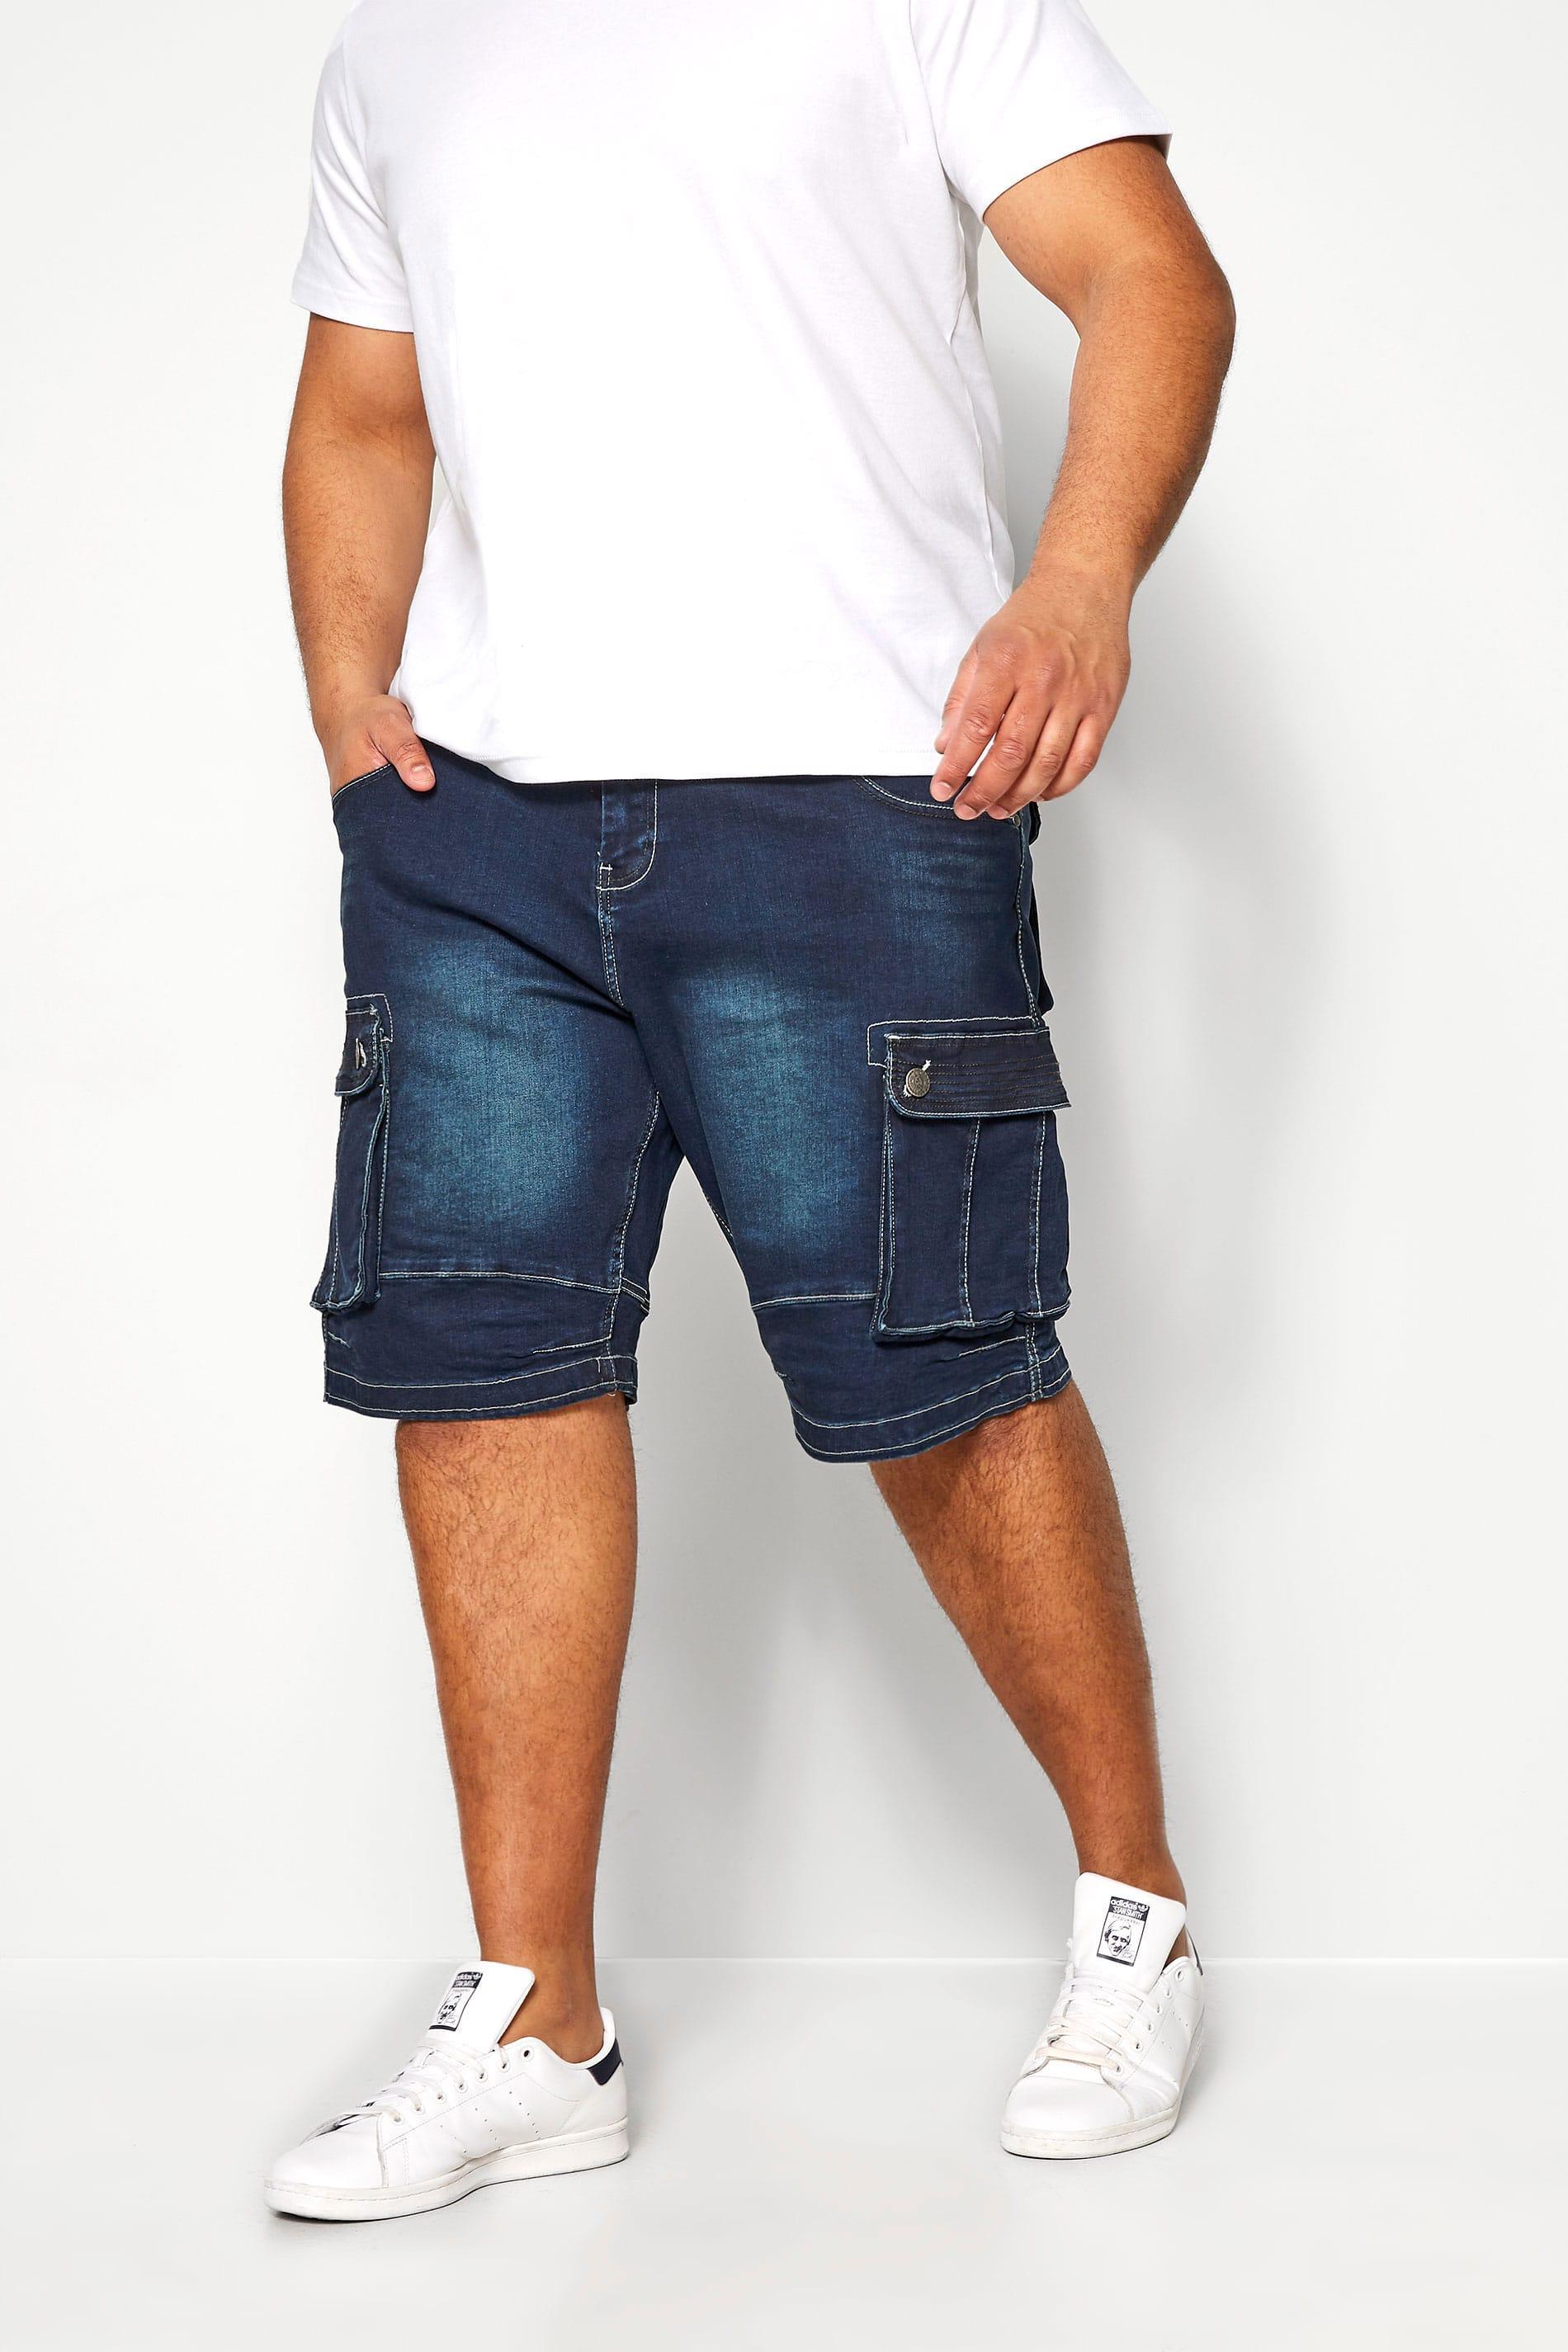 KAM Dark Blue Cargo Denim Shorts